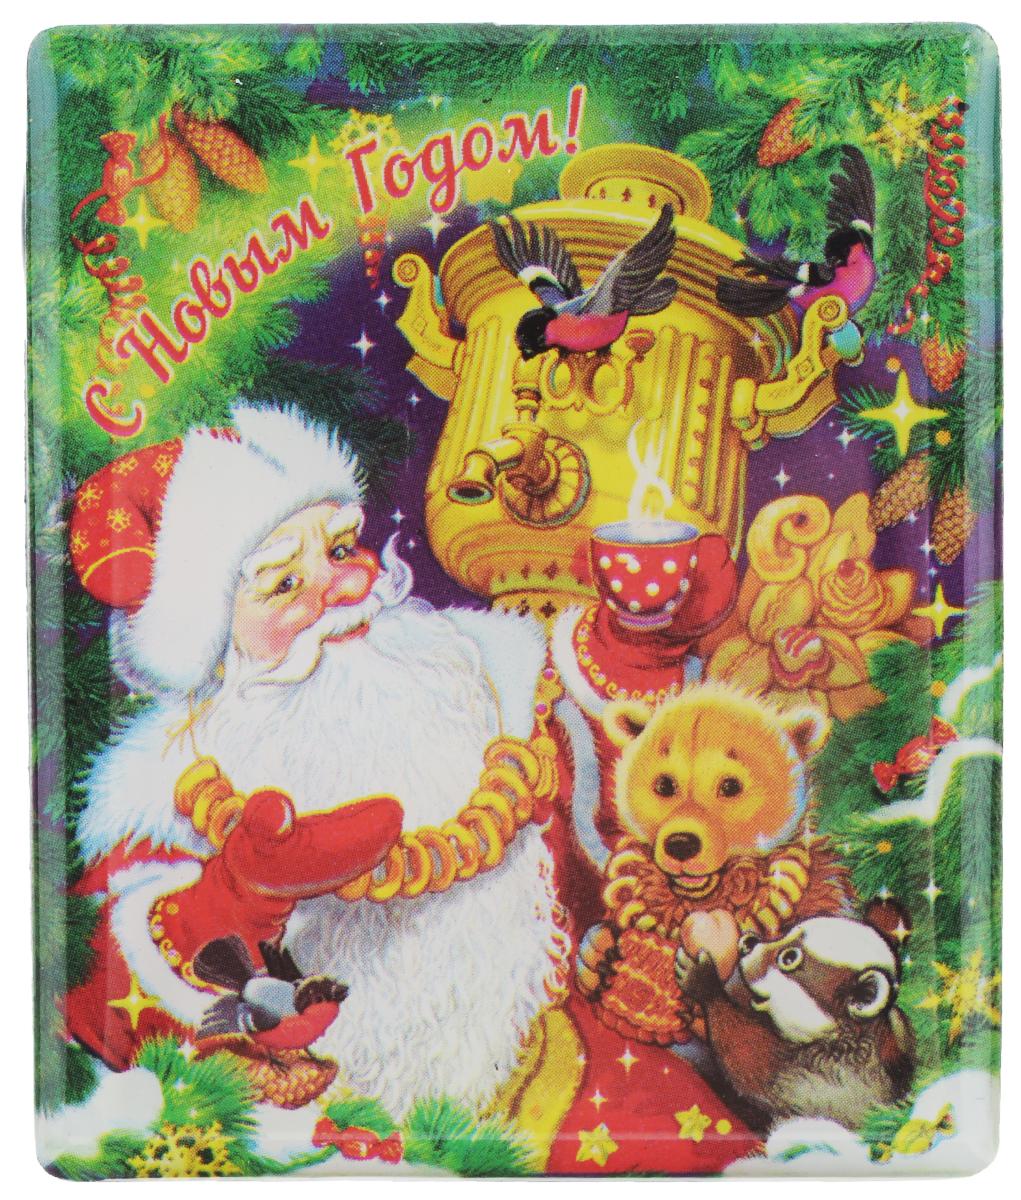 Магнит Феникс-презент Дед Мороз с самоваром, 6 x 5 смDA10-005Магнит прямоугольной формы Феникс-презент Дед Мороз с самоваром, выполненный из агломерированного феррита, станет приятным штрихом в повседневной жизни. Оригинальный магнит, декорированный изображением Деда Мороза и забавных зверят, поможет вам украсить не только холодильник, но и любую другую магнитную поверхность. Материал: агломерированный феррит.